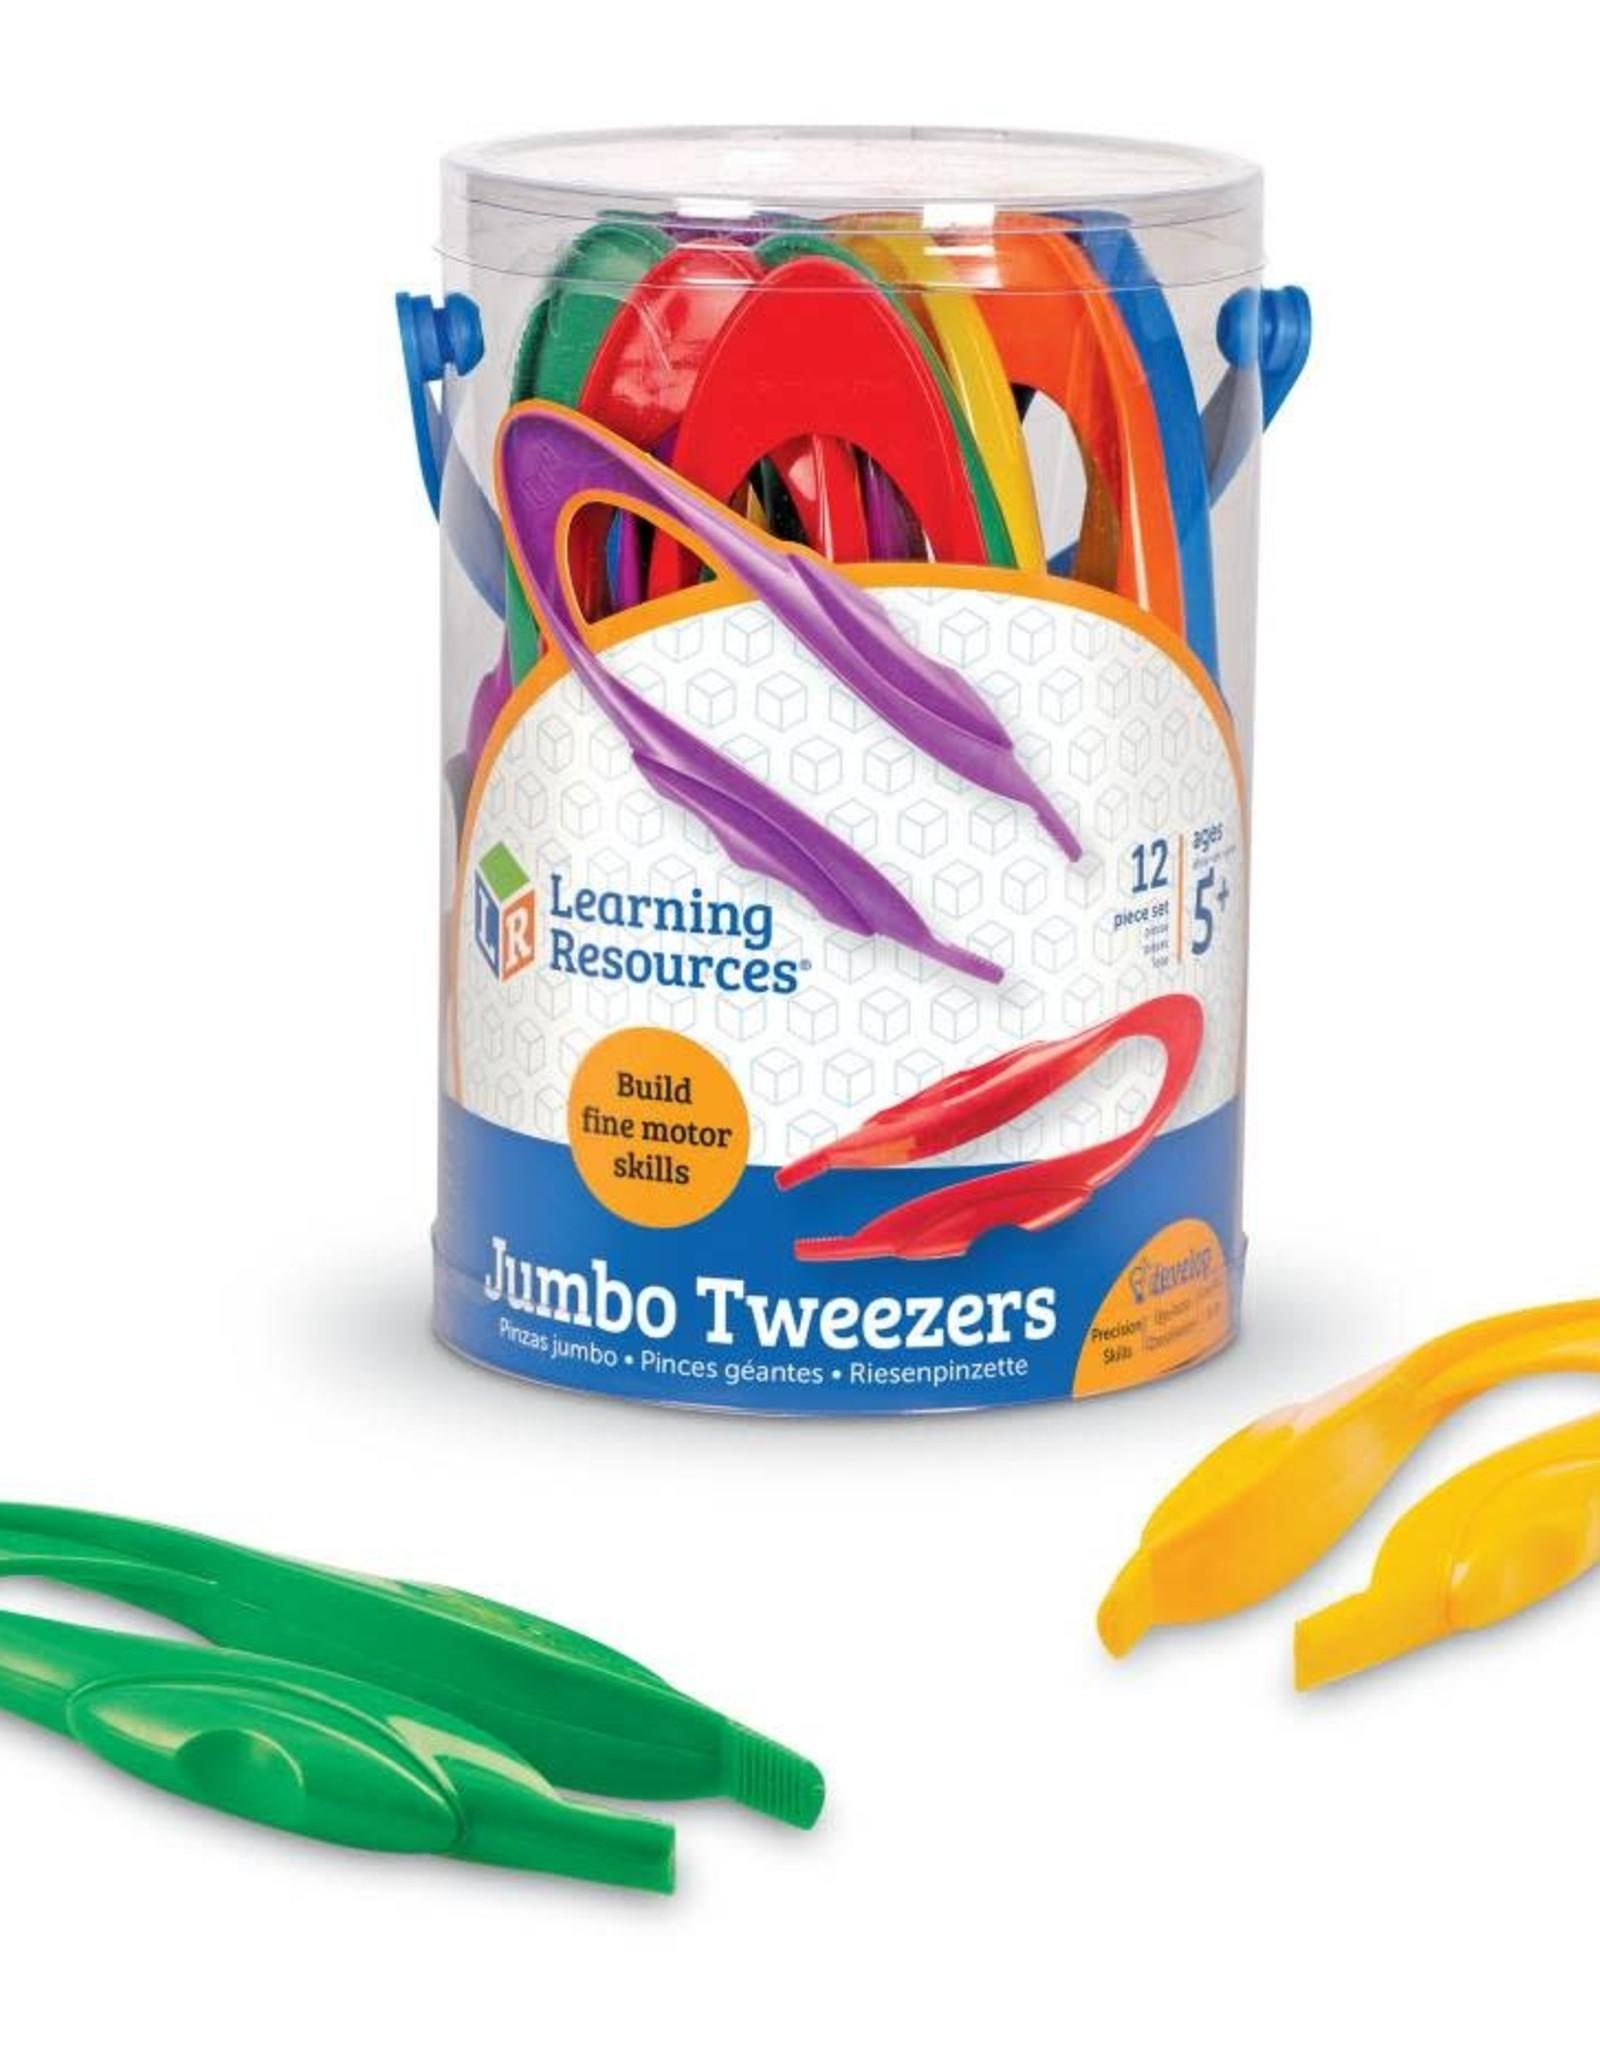 Learning Resources Jumbo Tweezers (sold individually)